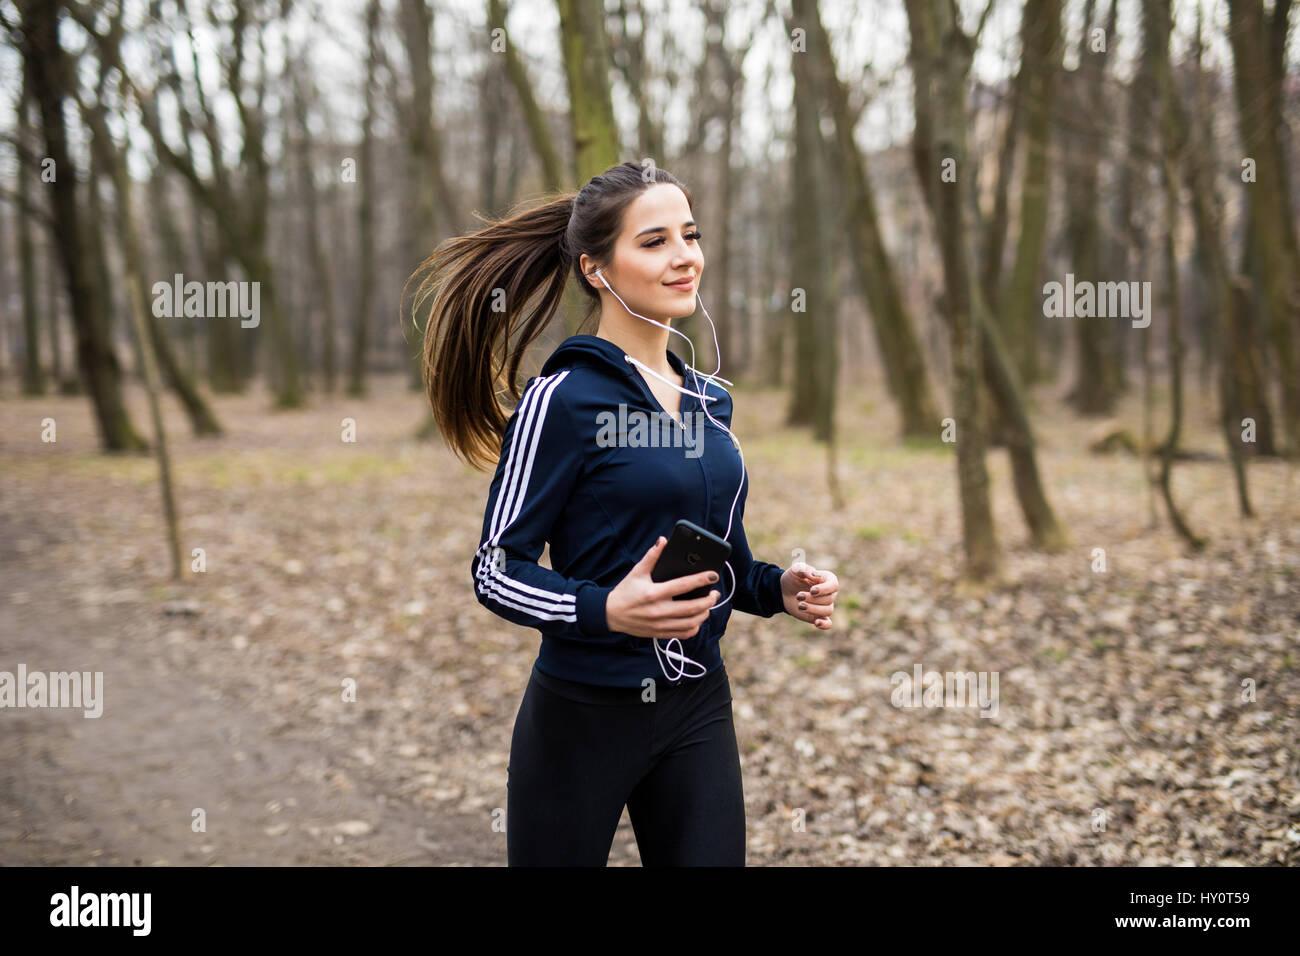 Junge Frau mit Kopfhörern im Park Joggen und auf Handy Stockbild